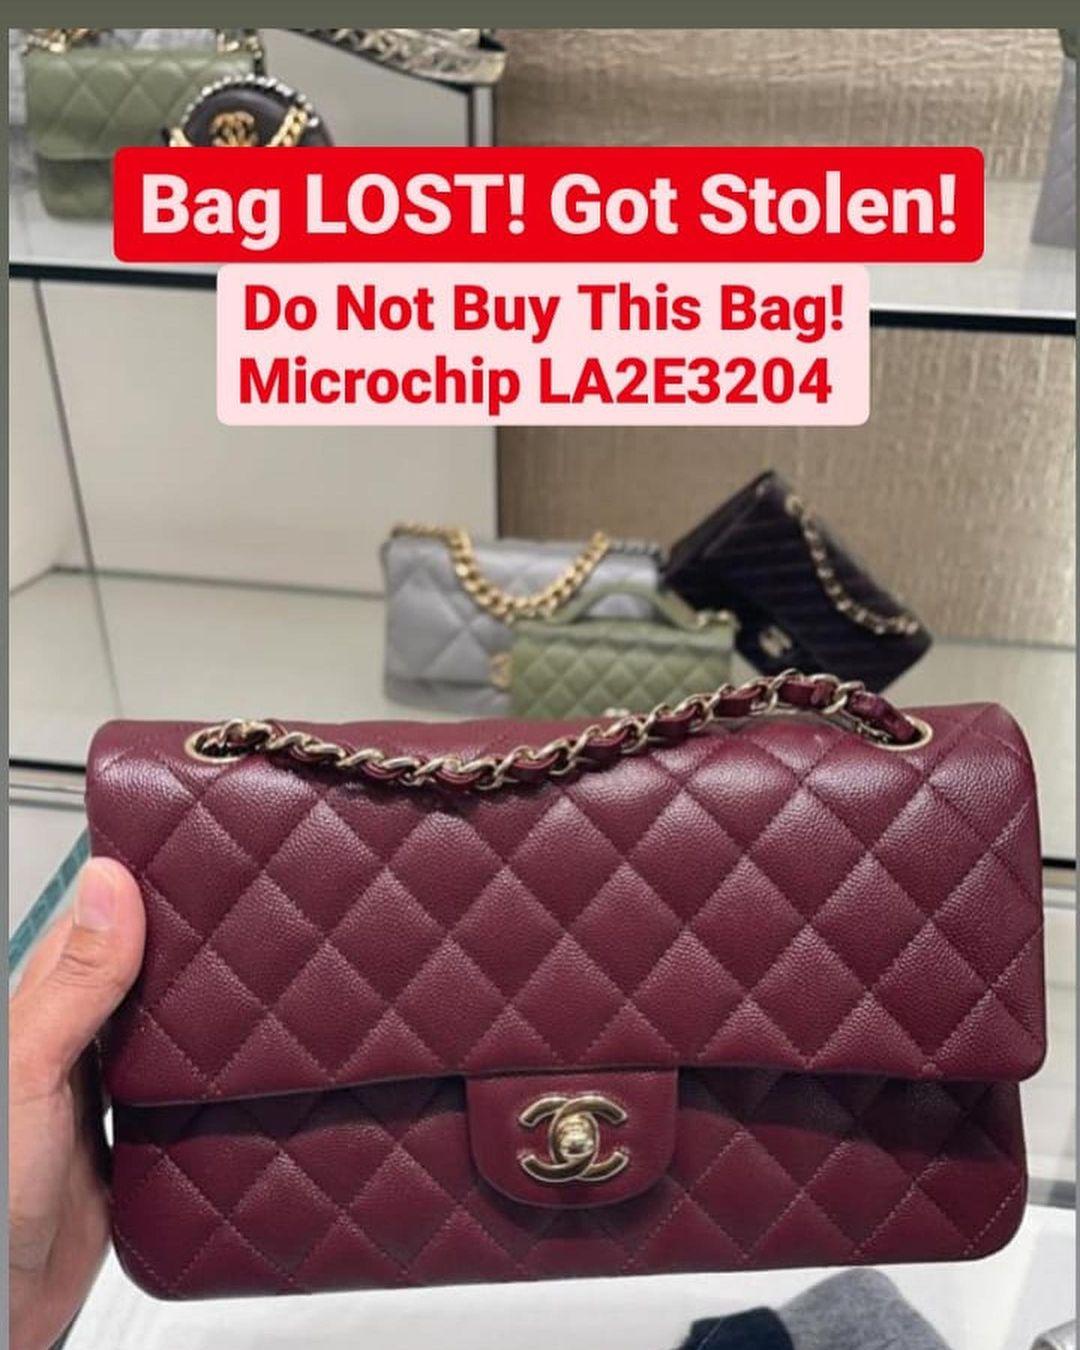 Hanya Hantar Kotak, Penjual Ini Dakwa Beg Tangan Bernilai RM35,000 Dicuri Pusat Kurier 2